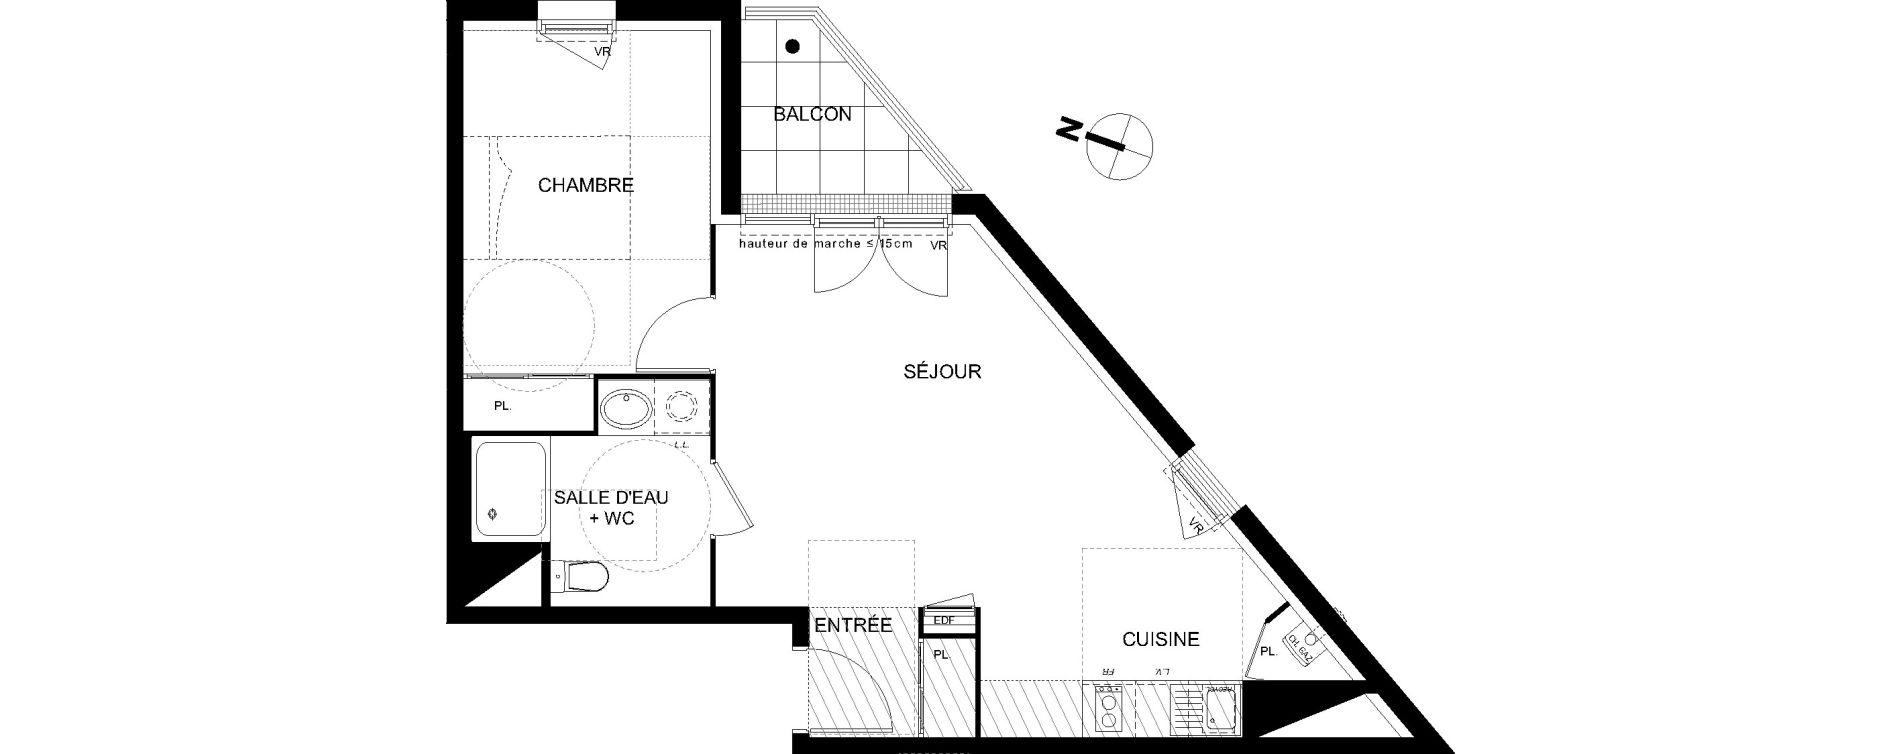 Appartement T2 de 45,57 m2 à Castanet-Tolosan Castanet tolosan centre